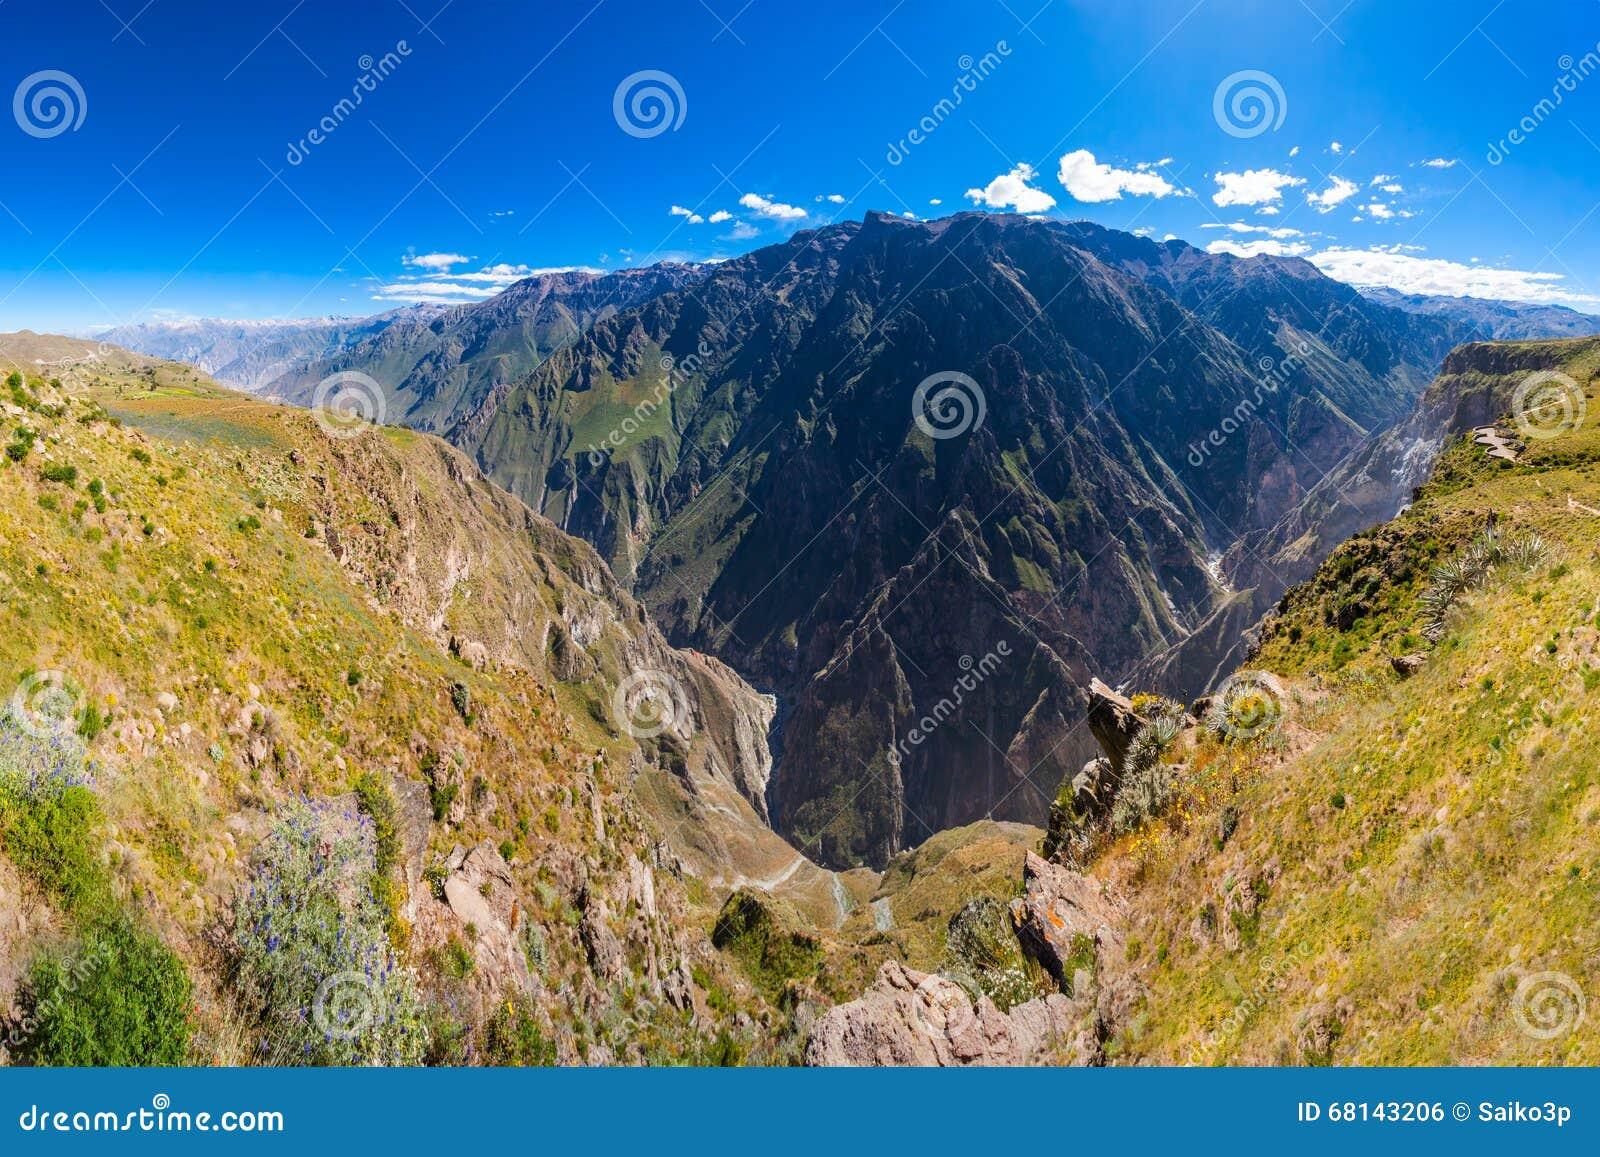 Garganta de Colca, Peru